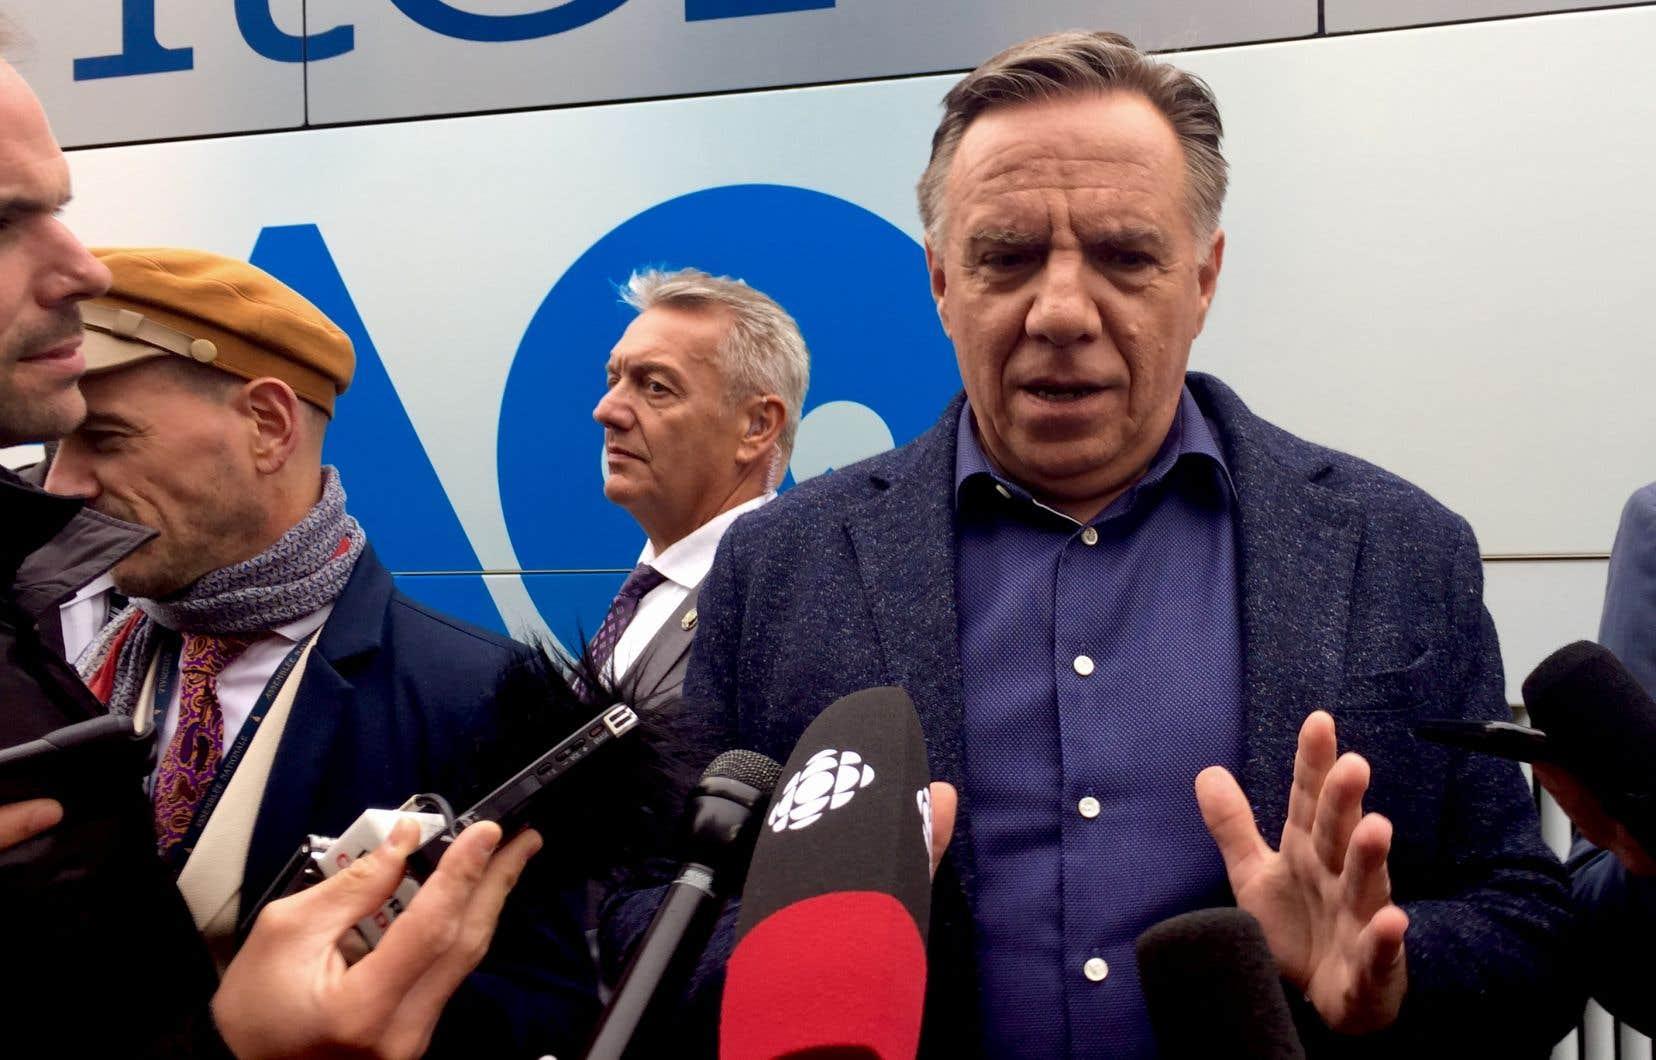 François Legault retient comme leçon de la campagne électorale qu'il peut en «apprendre plus».